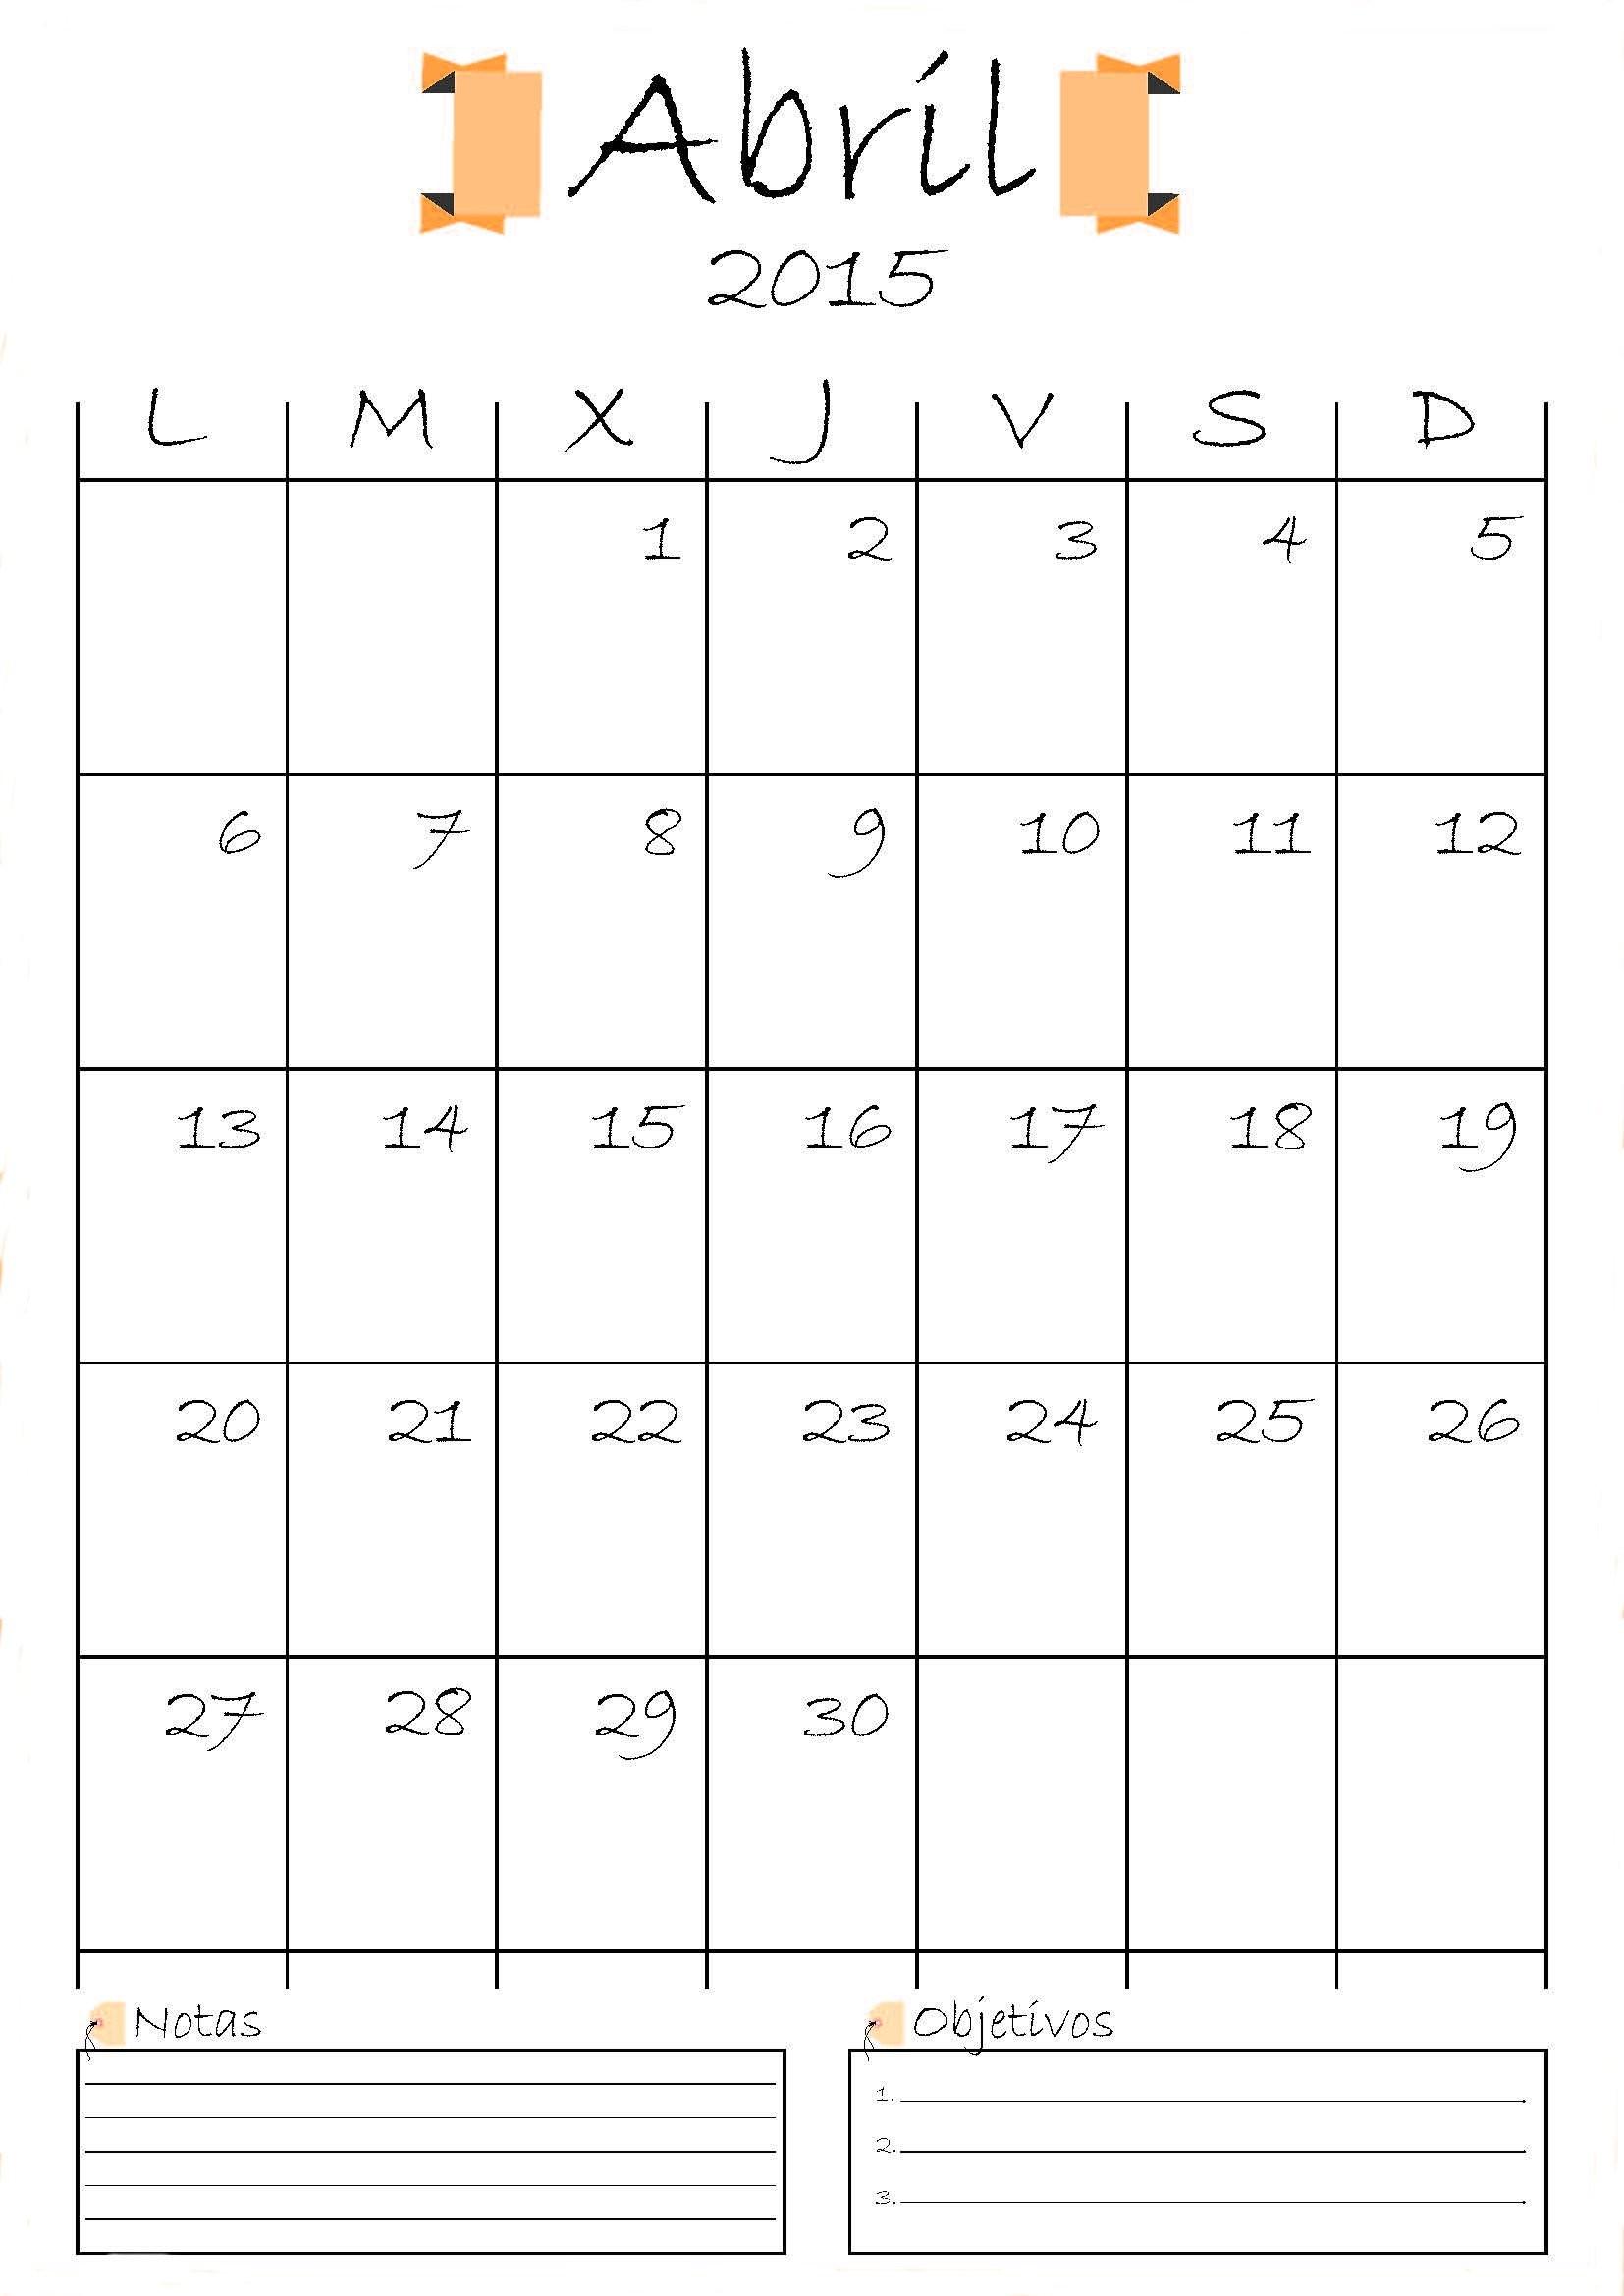 Calendario Mayo 2017 Para Imprimir Word Más Populares Calendario En Blanco 2015 tomburorddiner Of Calendario Mayo 2017 Para Imprimir Word Recientes Pin by Tara On Stationary Pinterest